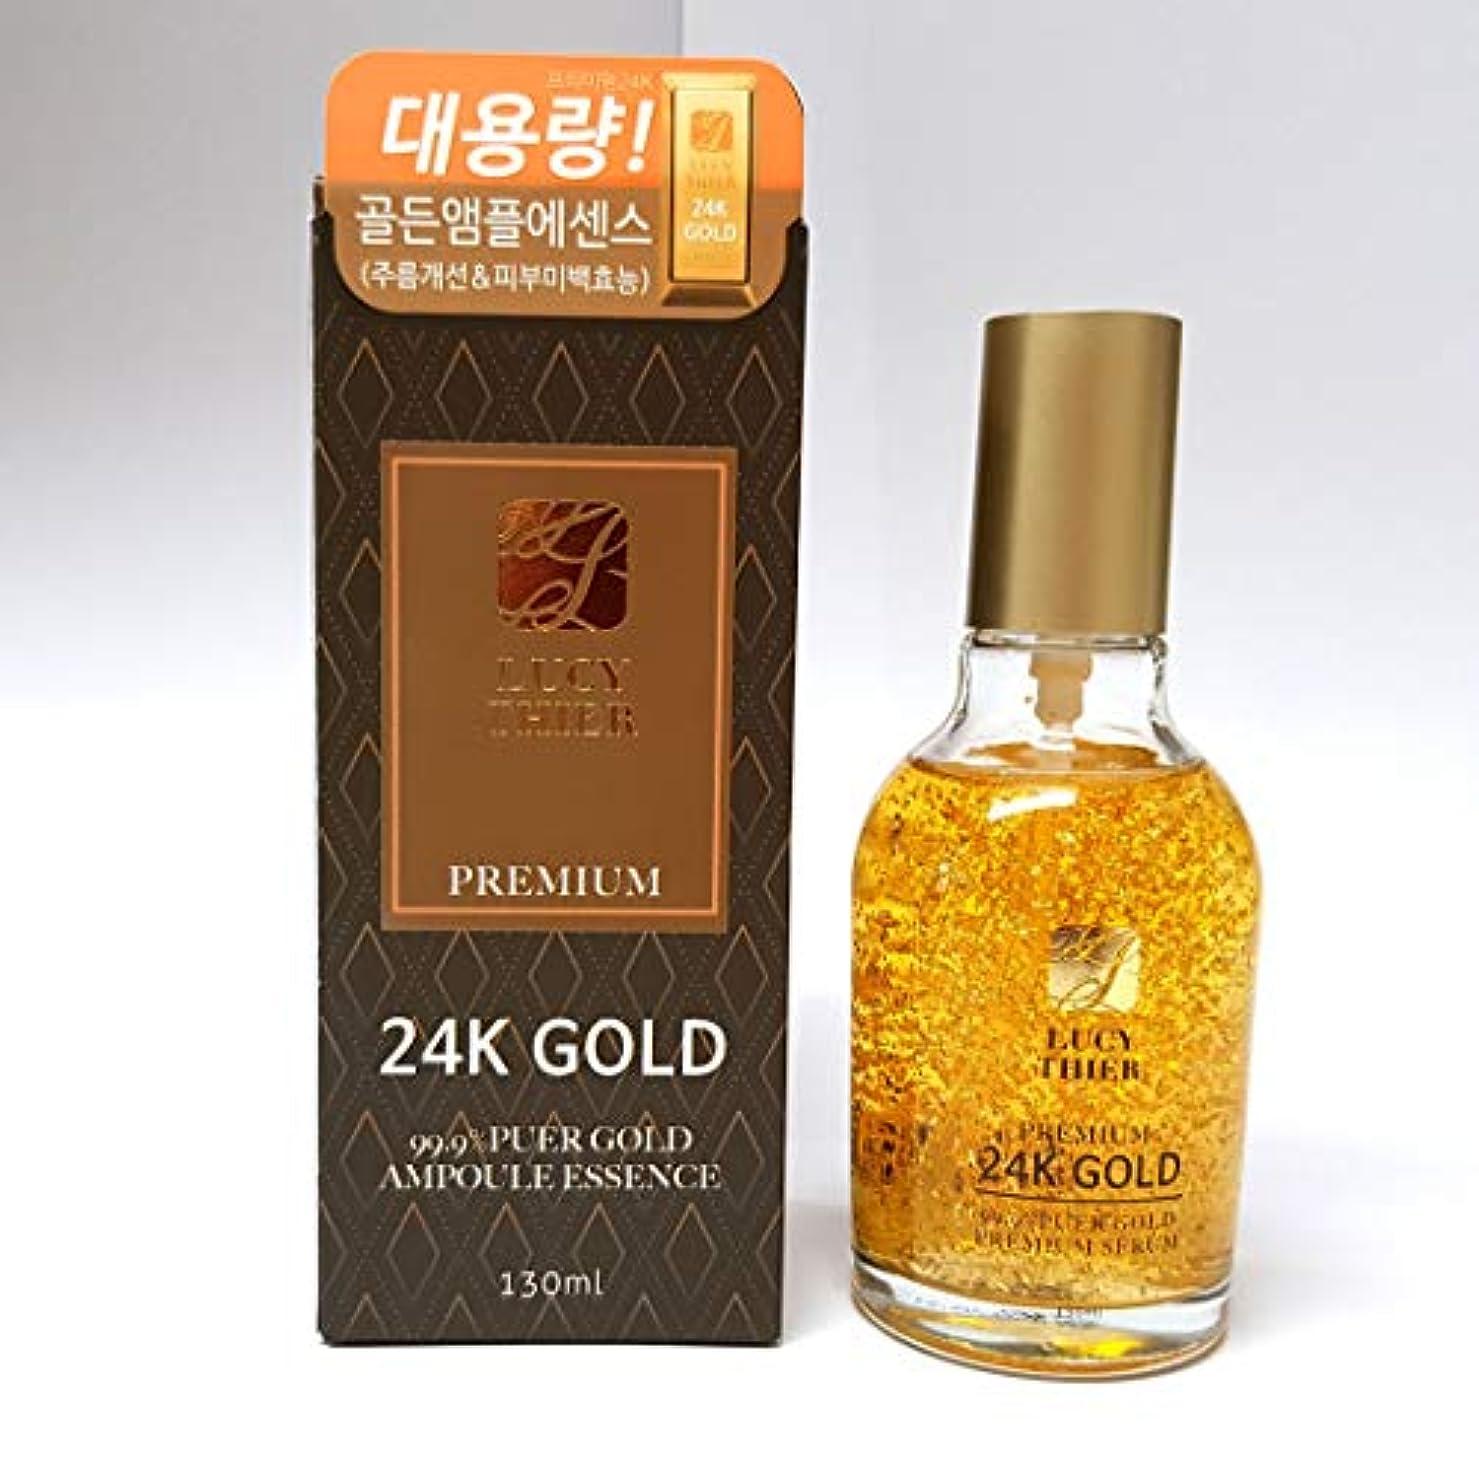 衰える心臓蓄積する[LUCYTHIER] プレミアム24Kゴールドアンプルエッセンス130ml / Premium 24K Gold Ampoule Essence 130ml / 大容量/large capacity/シワ改善、美白/wrinkle...